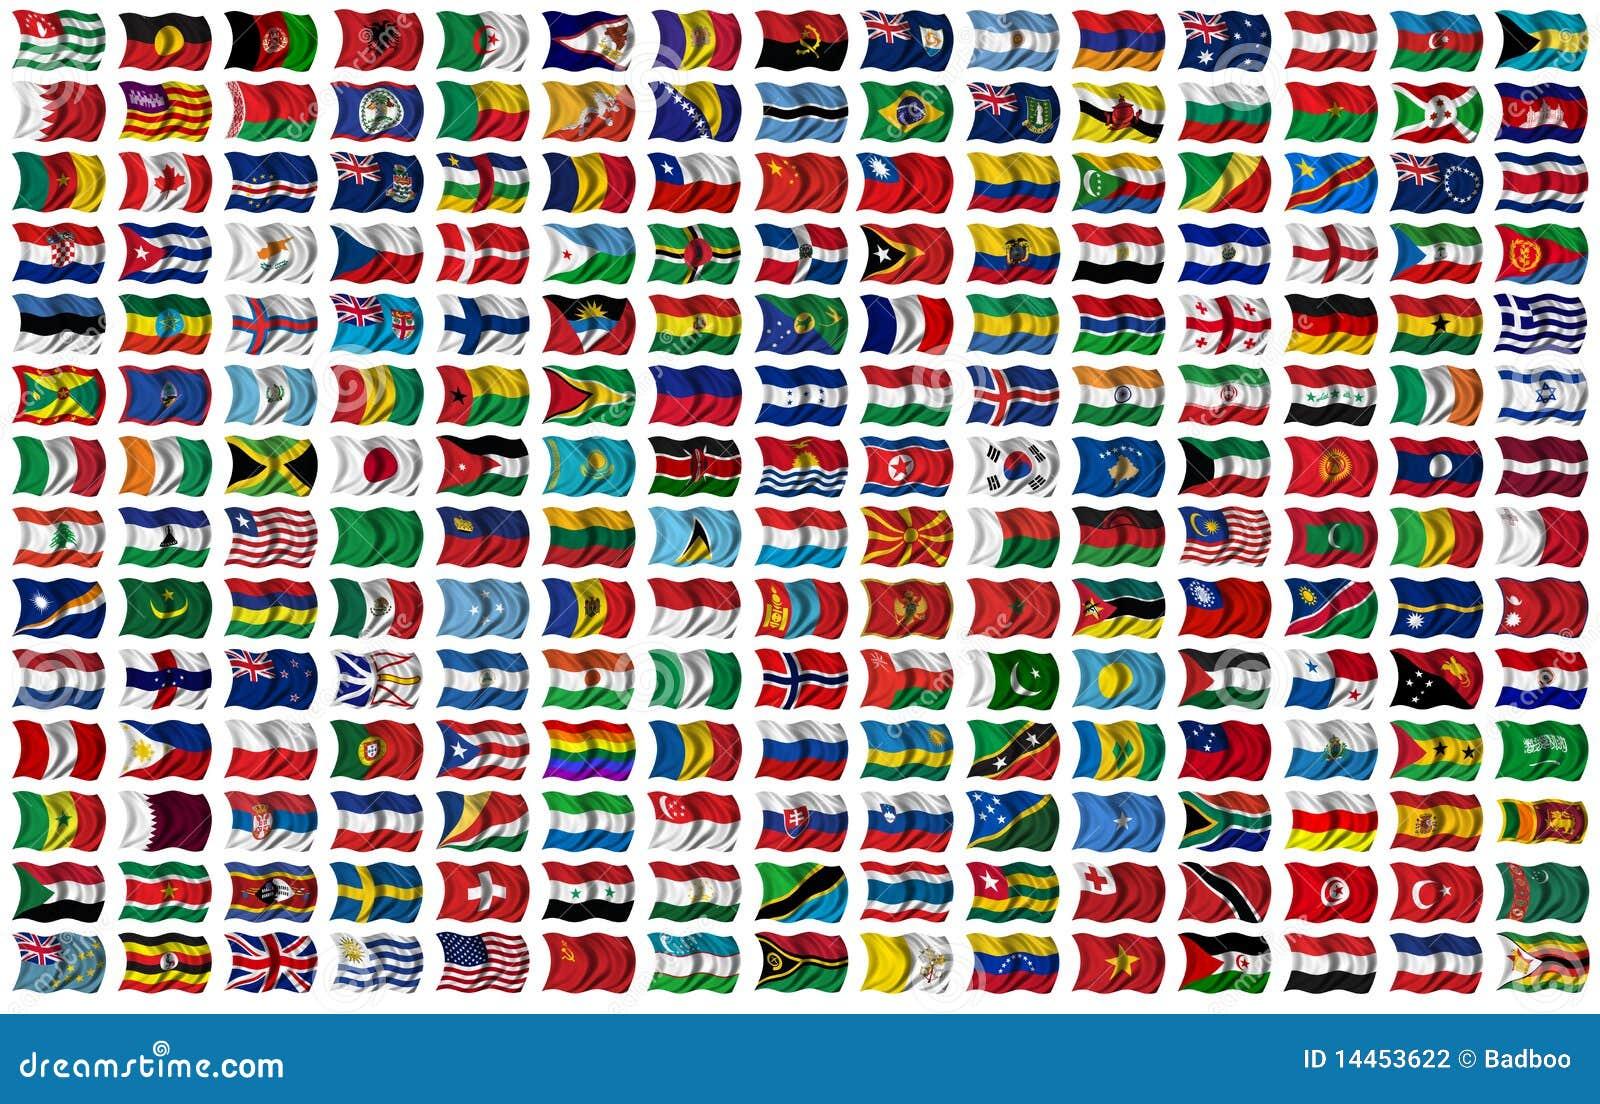 Geplaatste de vlaggen van de wereld stock fotografie afbeelding 14453622 - De thuisbasis van de wereld chesterfield ...